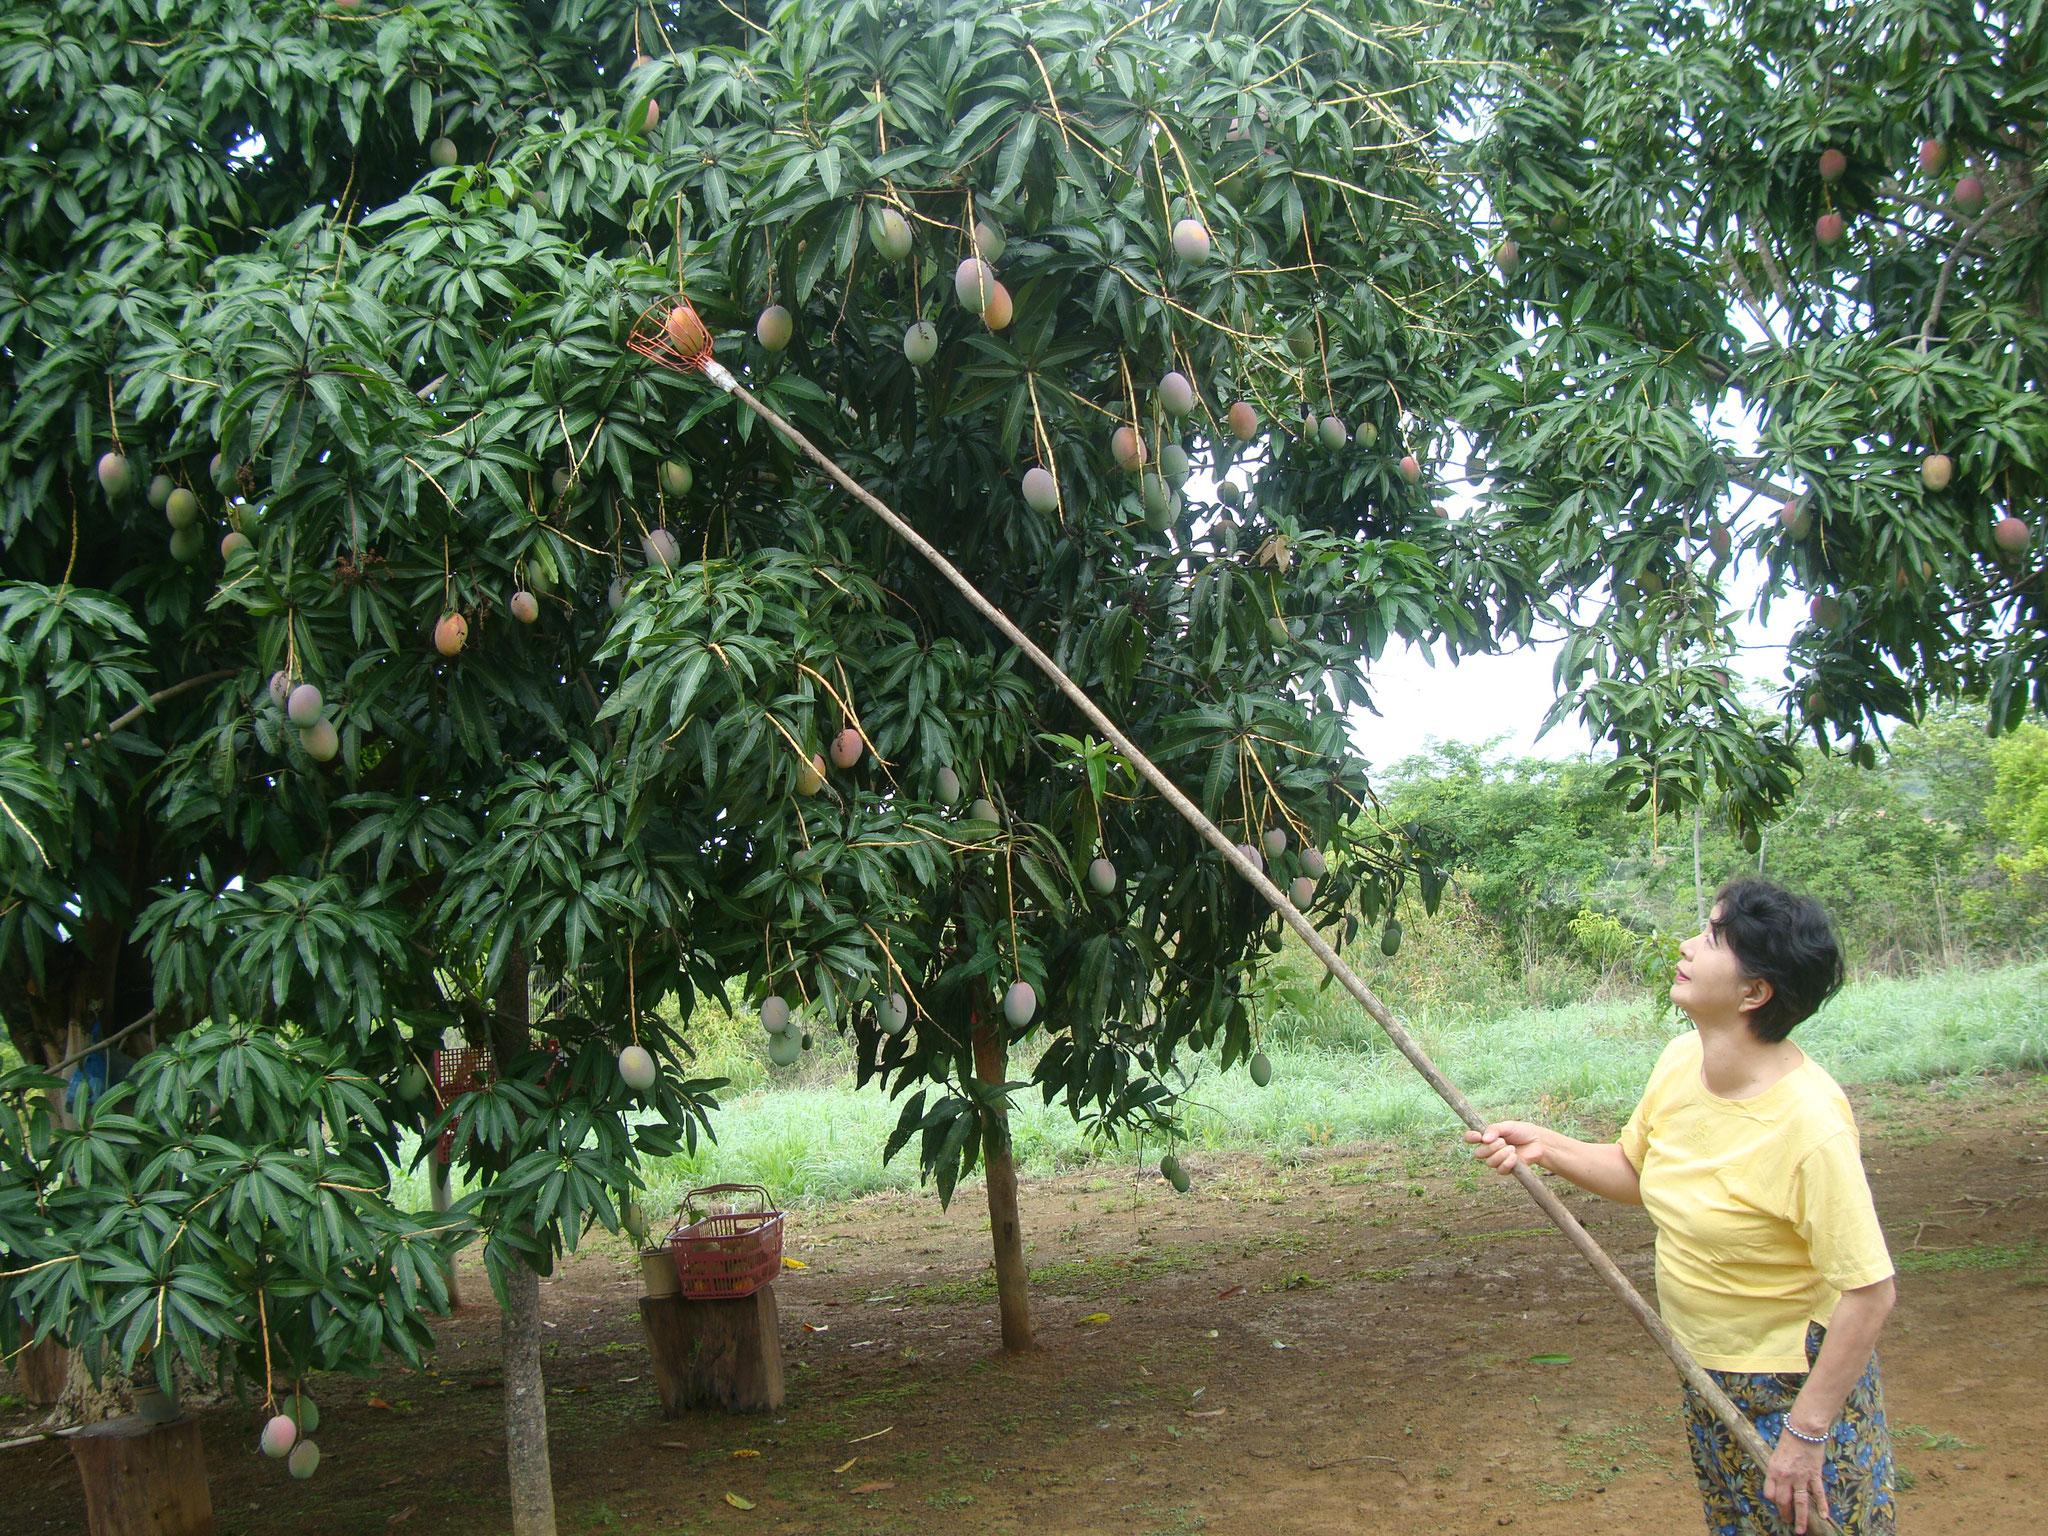 原始的だけれど、確実にマンゴが採れる収穫用の道具を嬉しそうに操る私 (^^♪